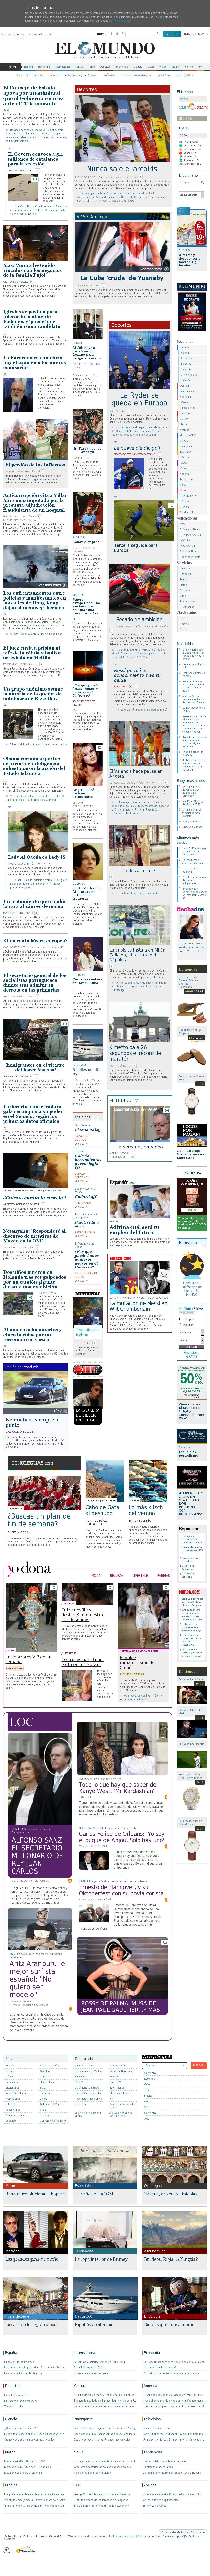 El Mundo at Monday Sept. 29, 2014, 1:11 a.m. UTC